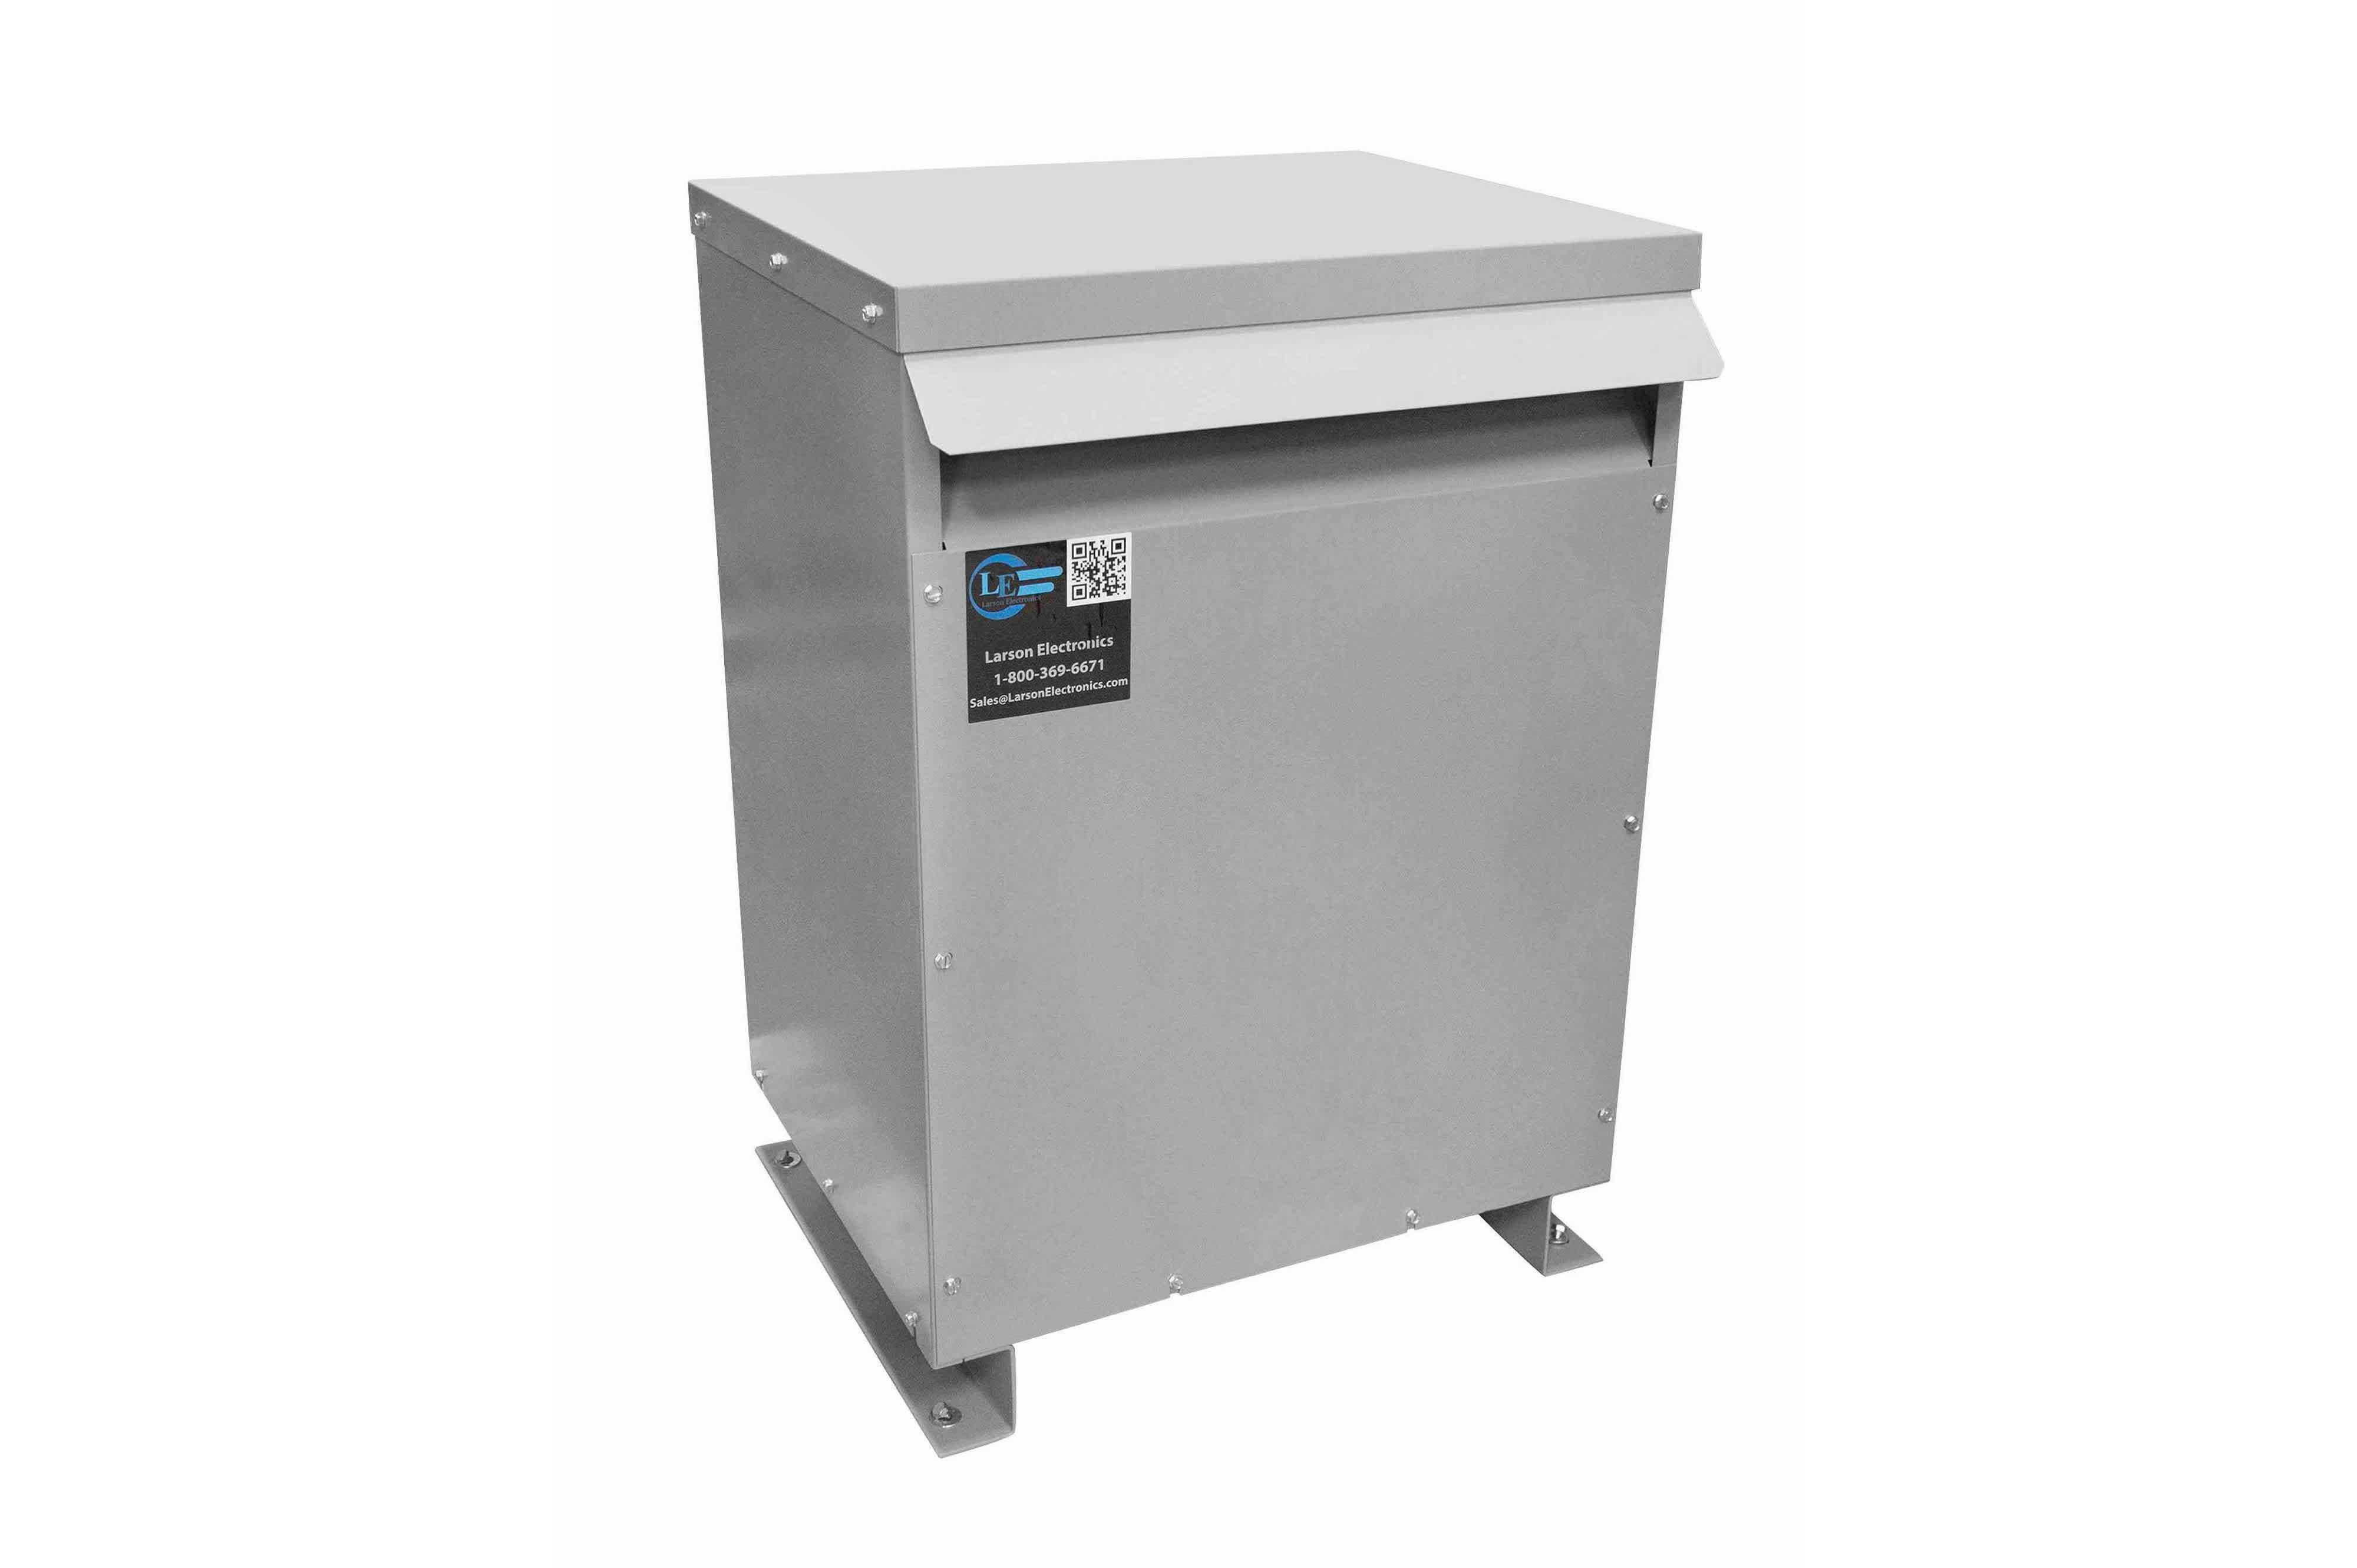 9 kVA 3PH Isolation Transformer, 460V Delta Primary, 415V Delta Secondary, N3R, Ventilated, 60 Hz